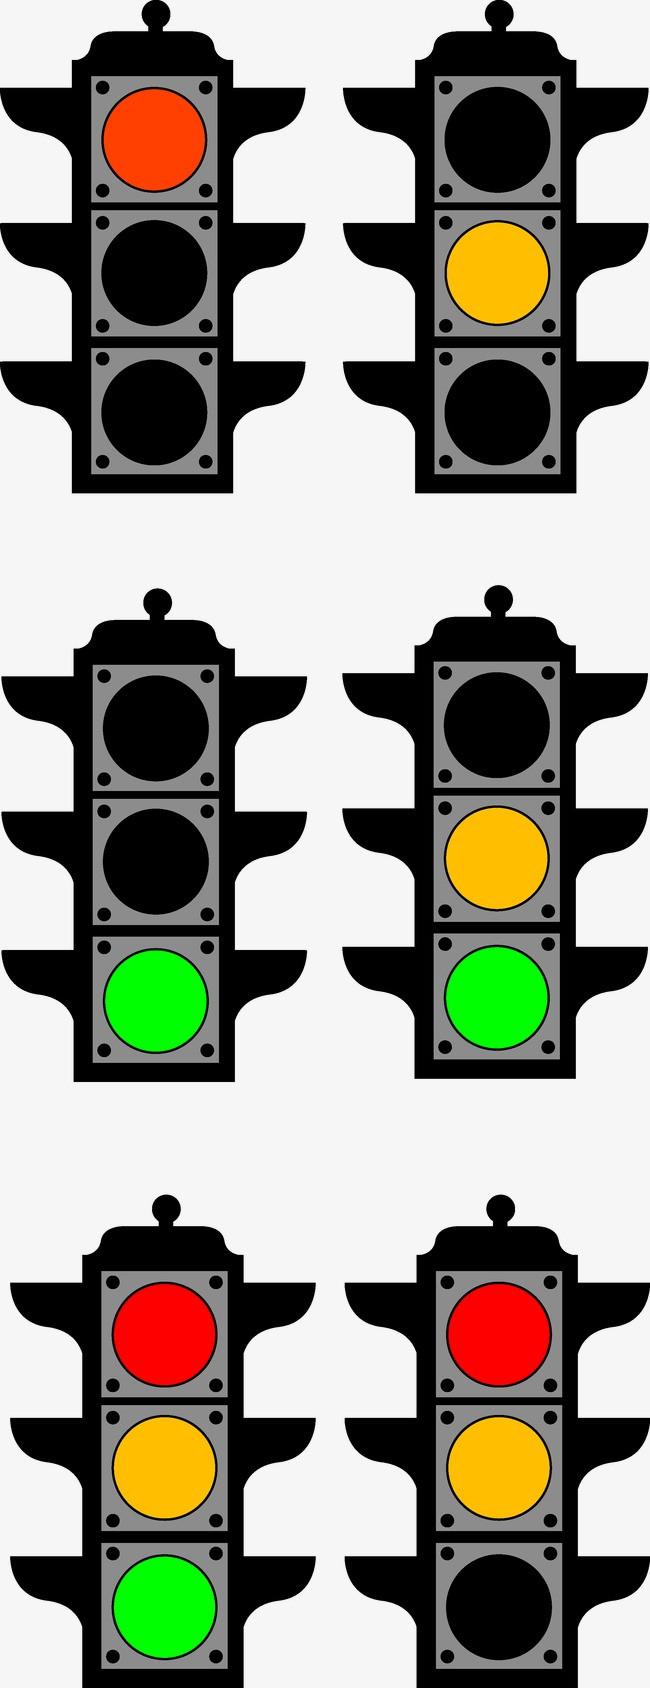 红绿灯20150814走私宾利悬挂假车牌 无证司机接受双重